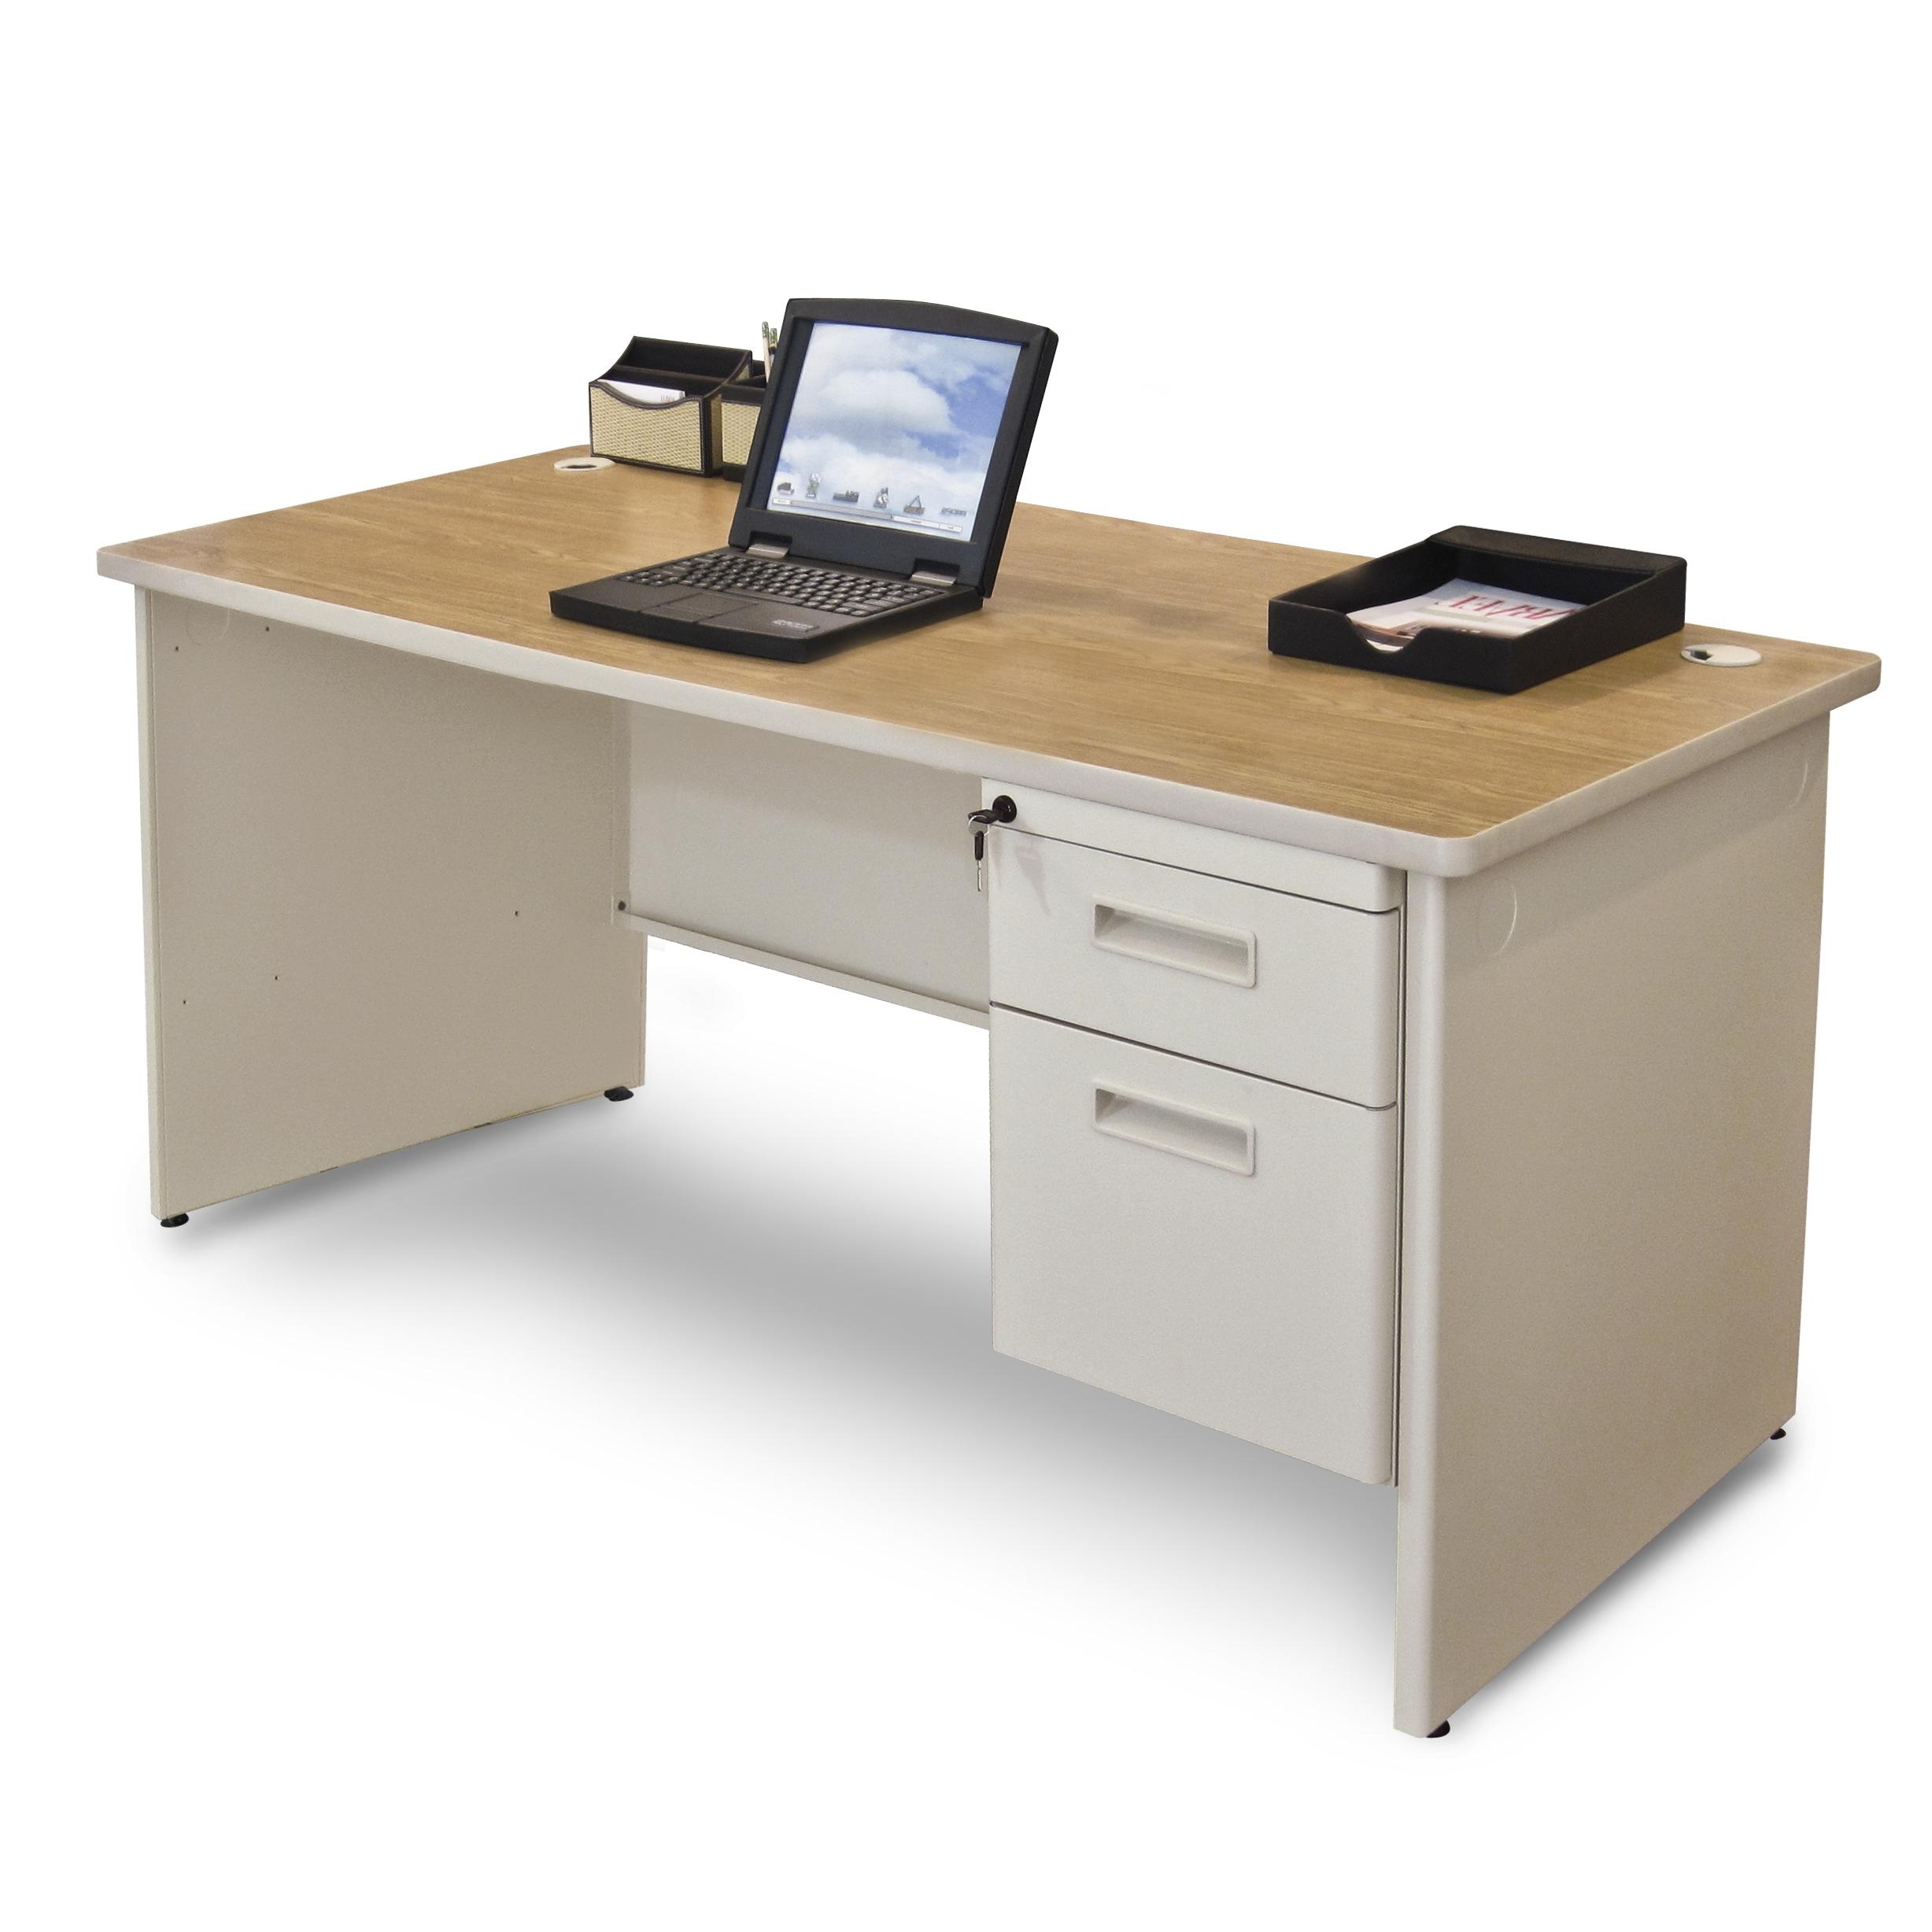 Popular Marvel Pdr6030sp – Pronto Marvel 60 In Single Pedestal Computer Desk For Quill Computer Desks (View 3 of 20)